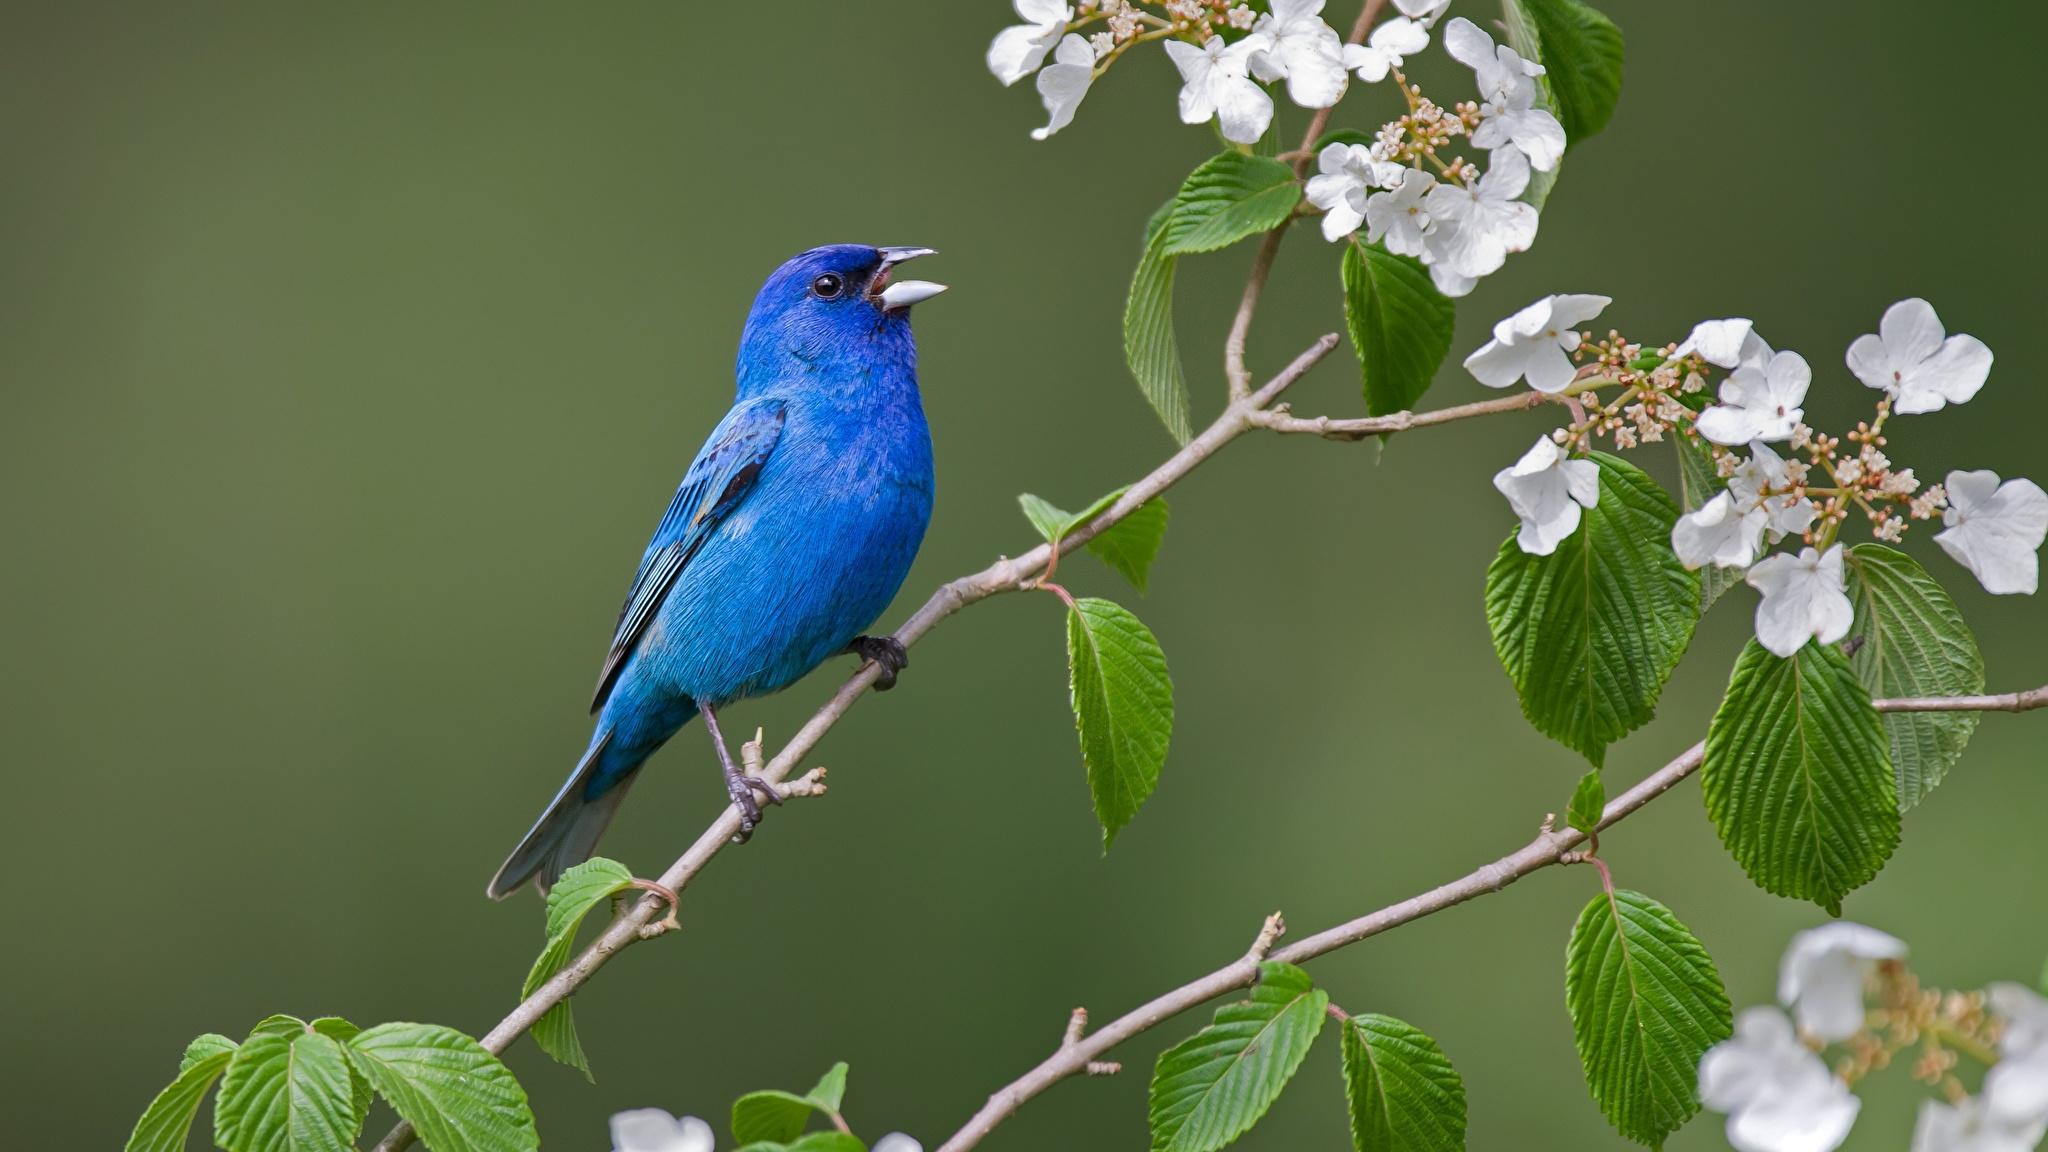 Fotos von Vögel Indigo bunting Blau Ast Tiere 2048x1152